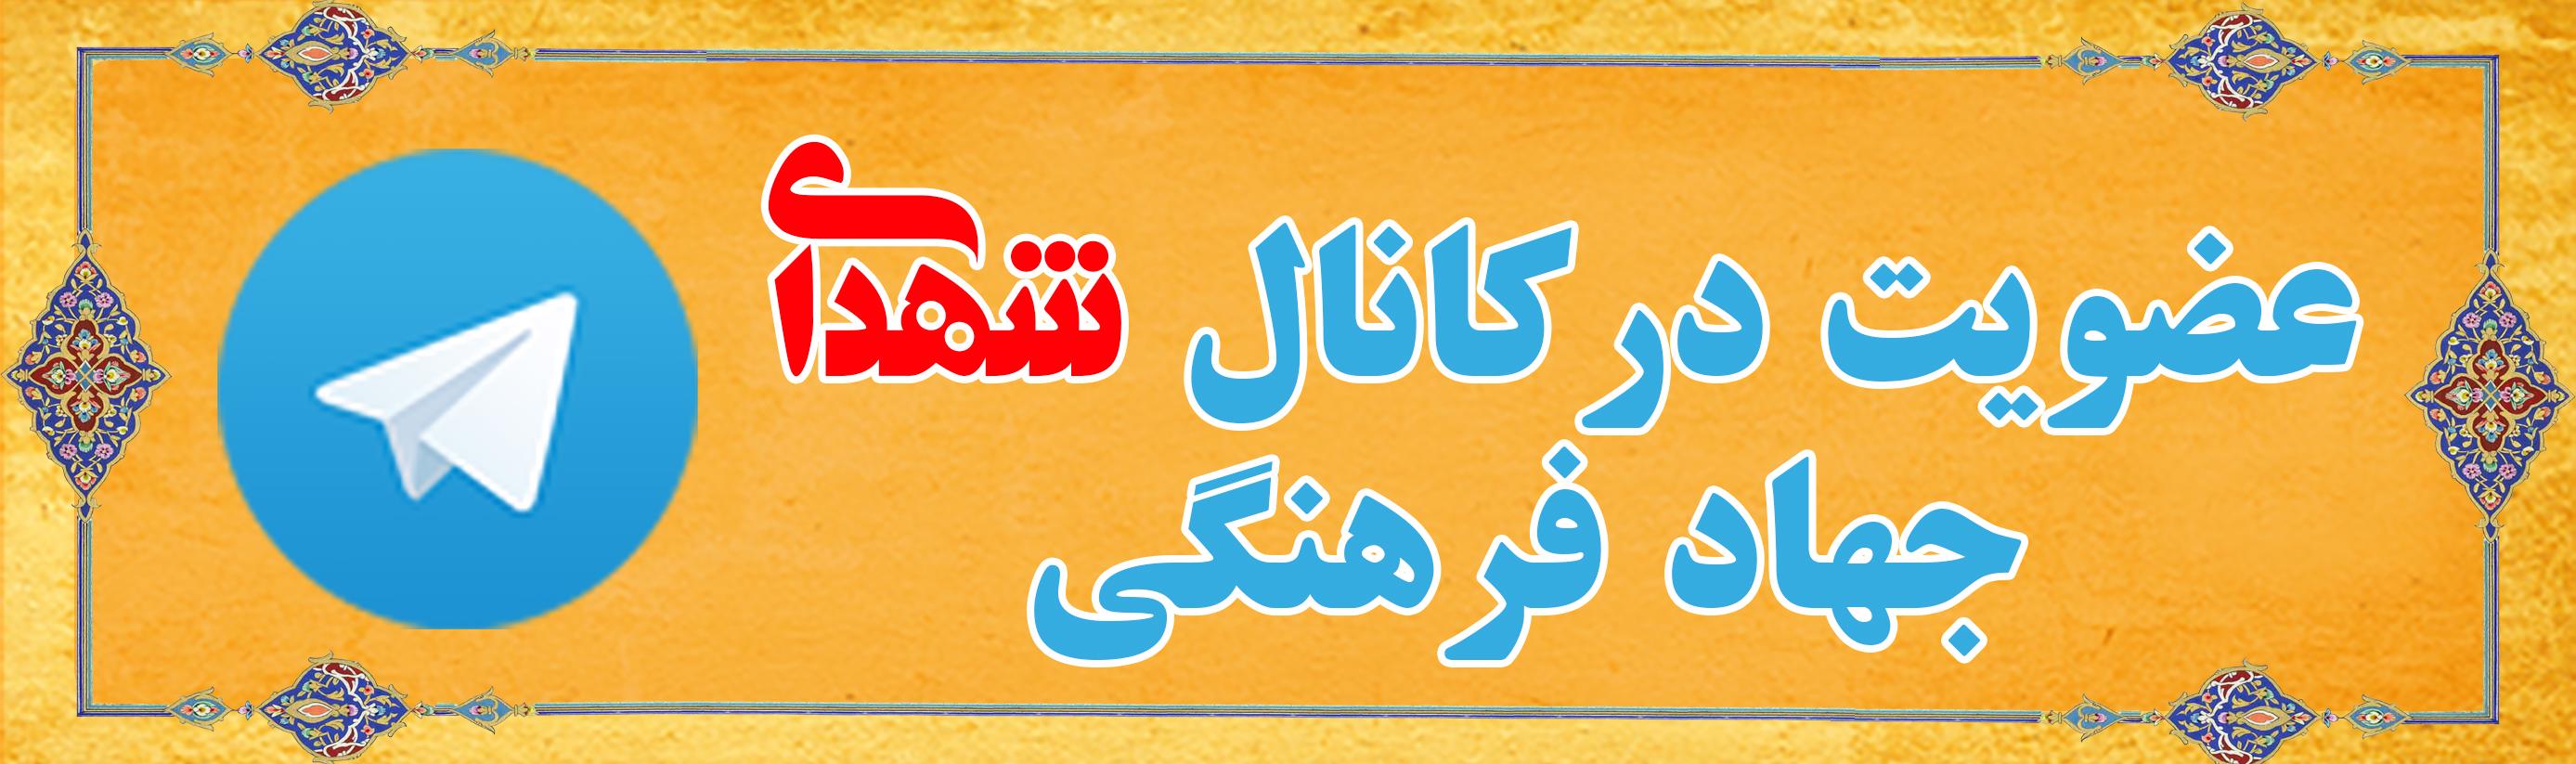 عضویت درکانال شهدای   جهاد فرهنگی